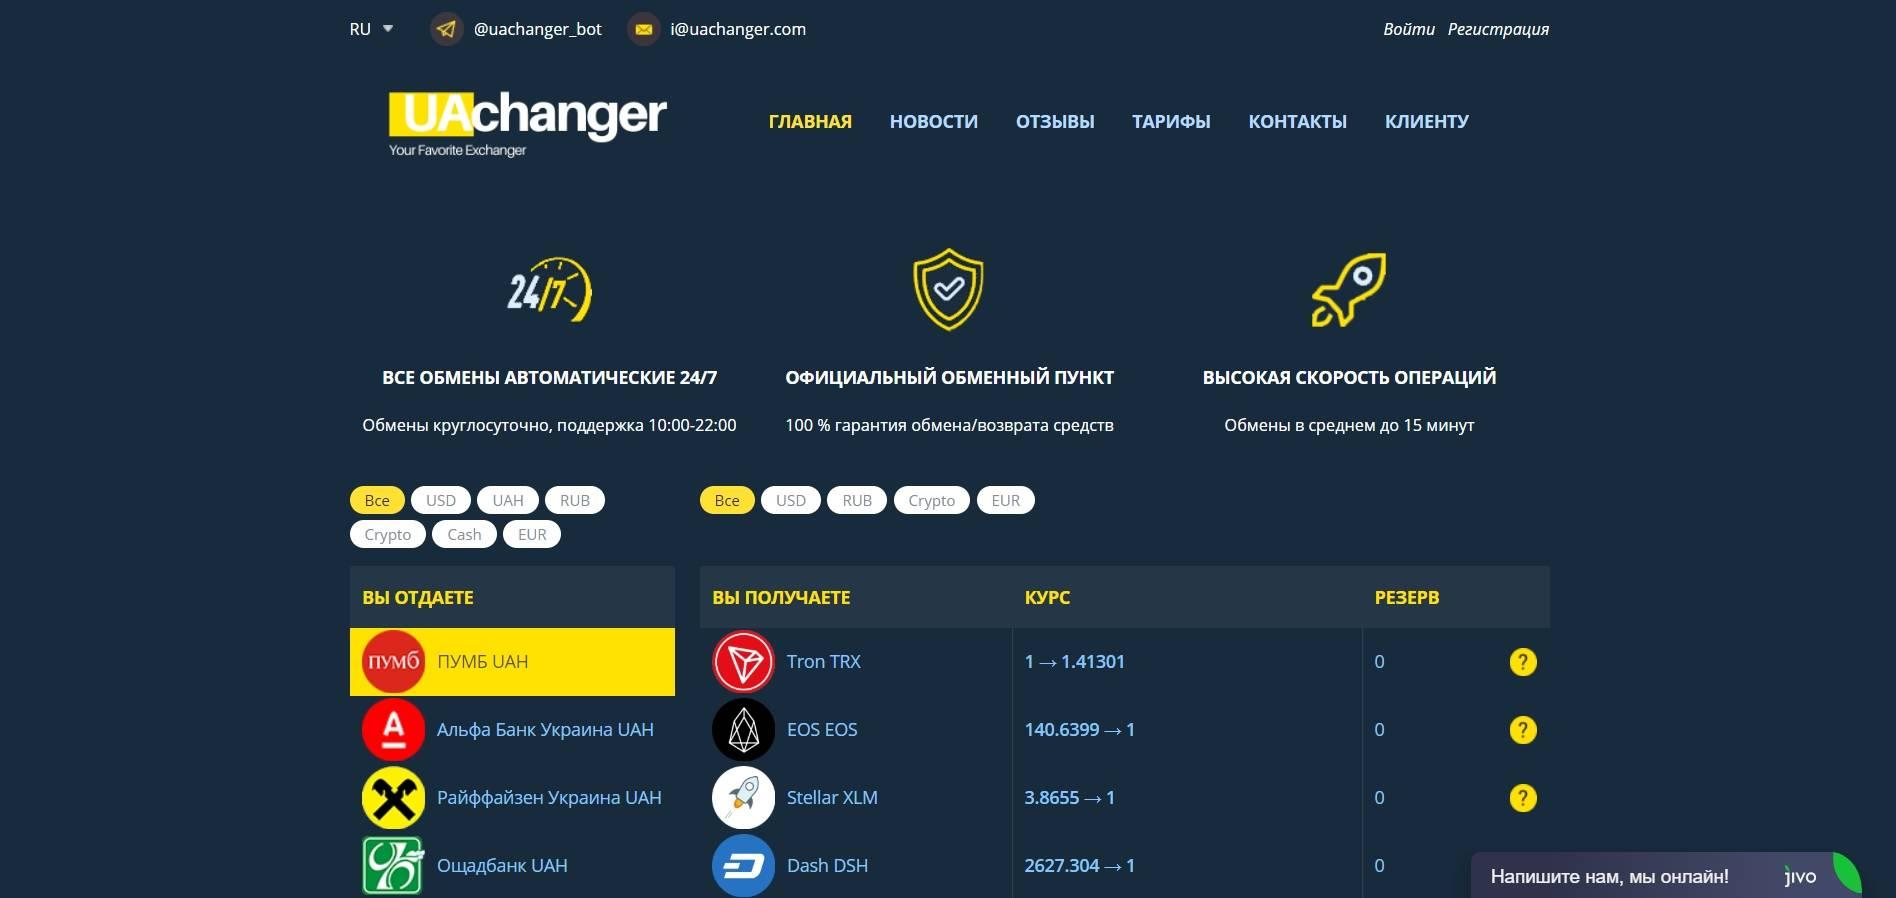 UAchanger